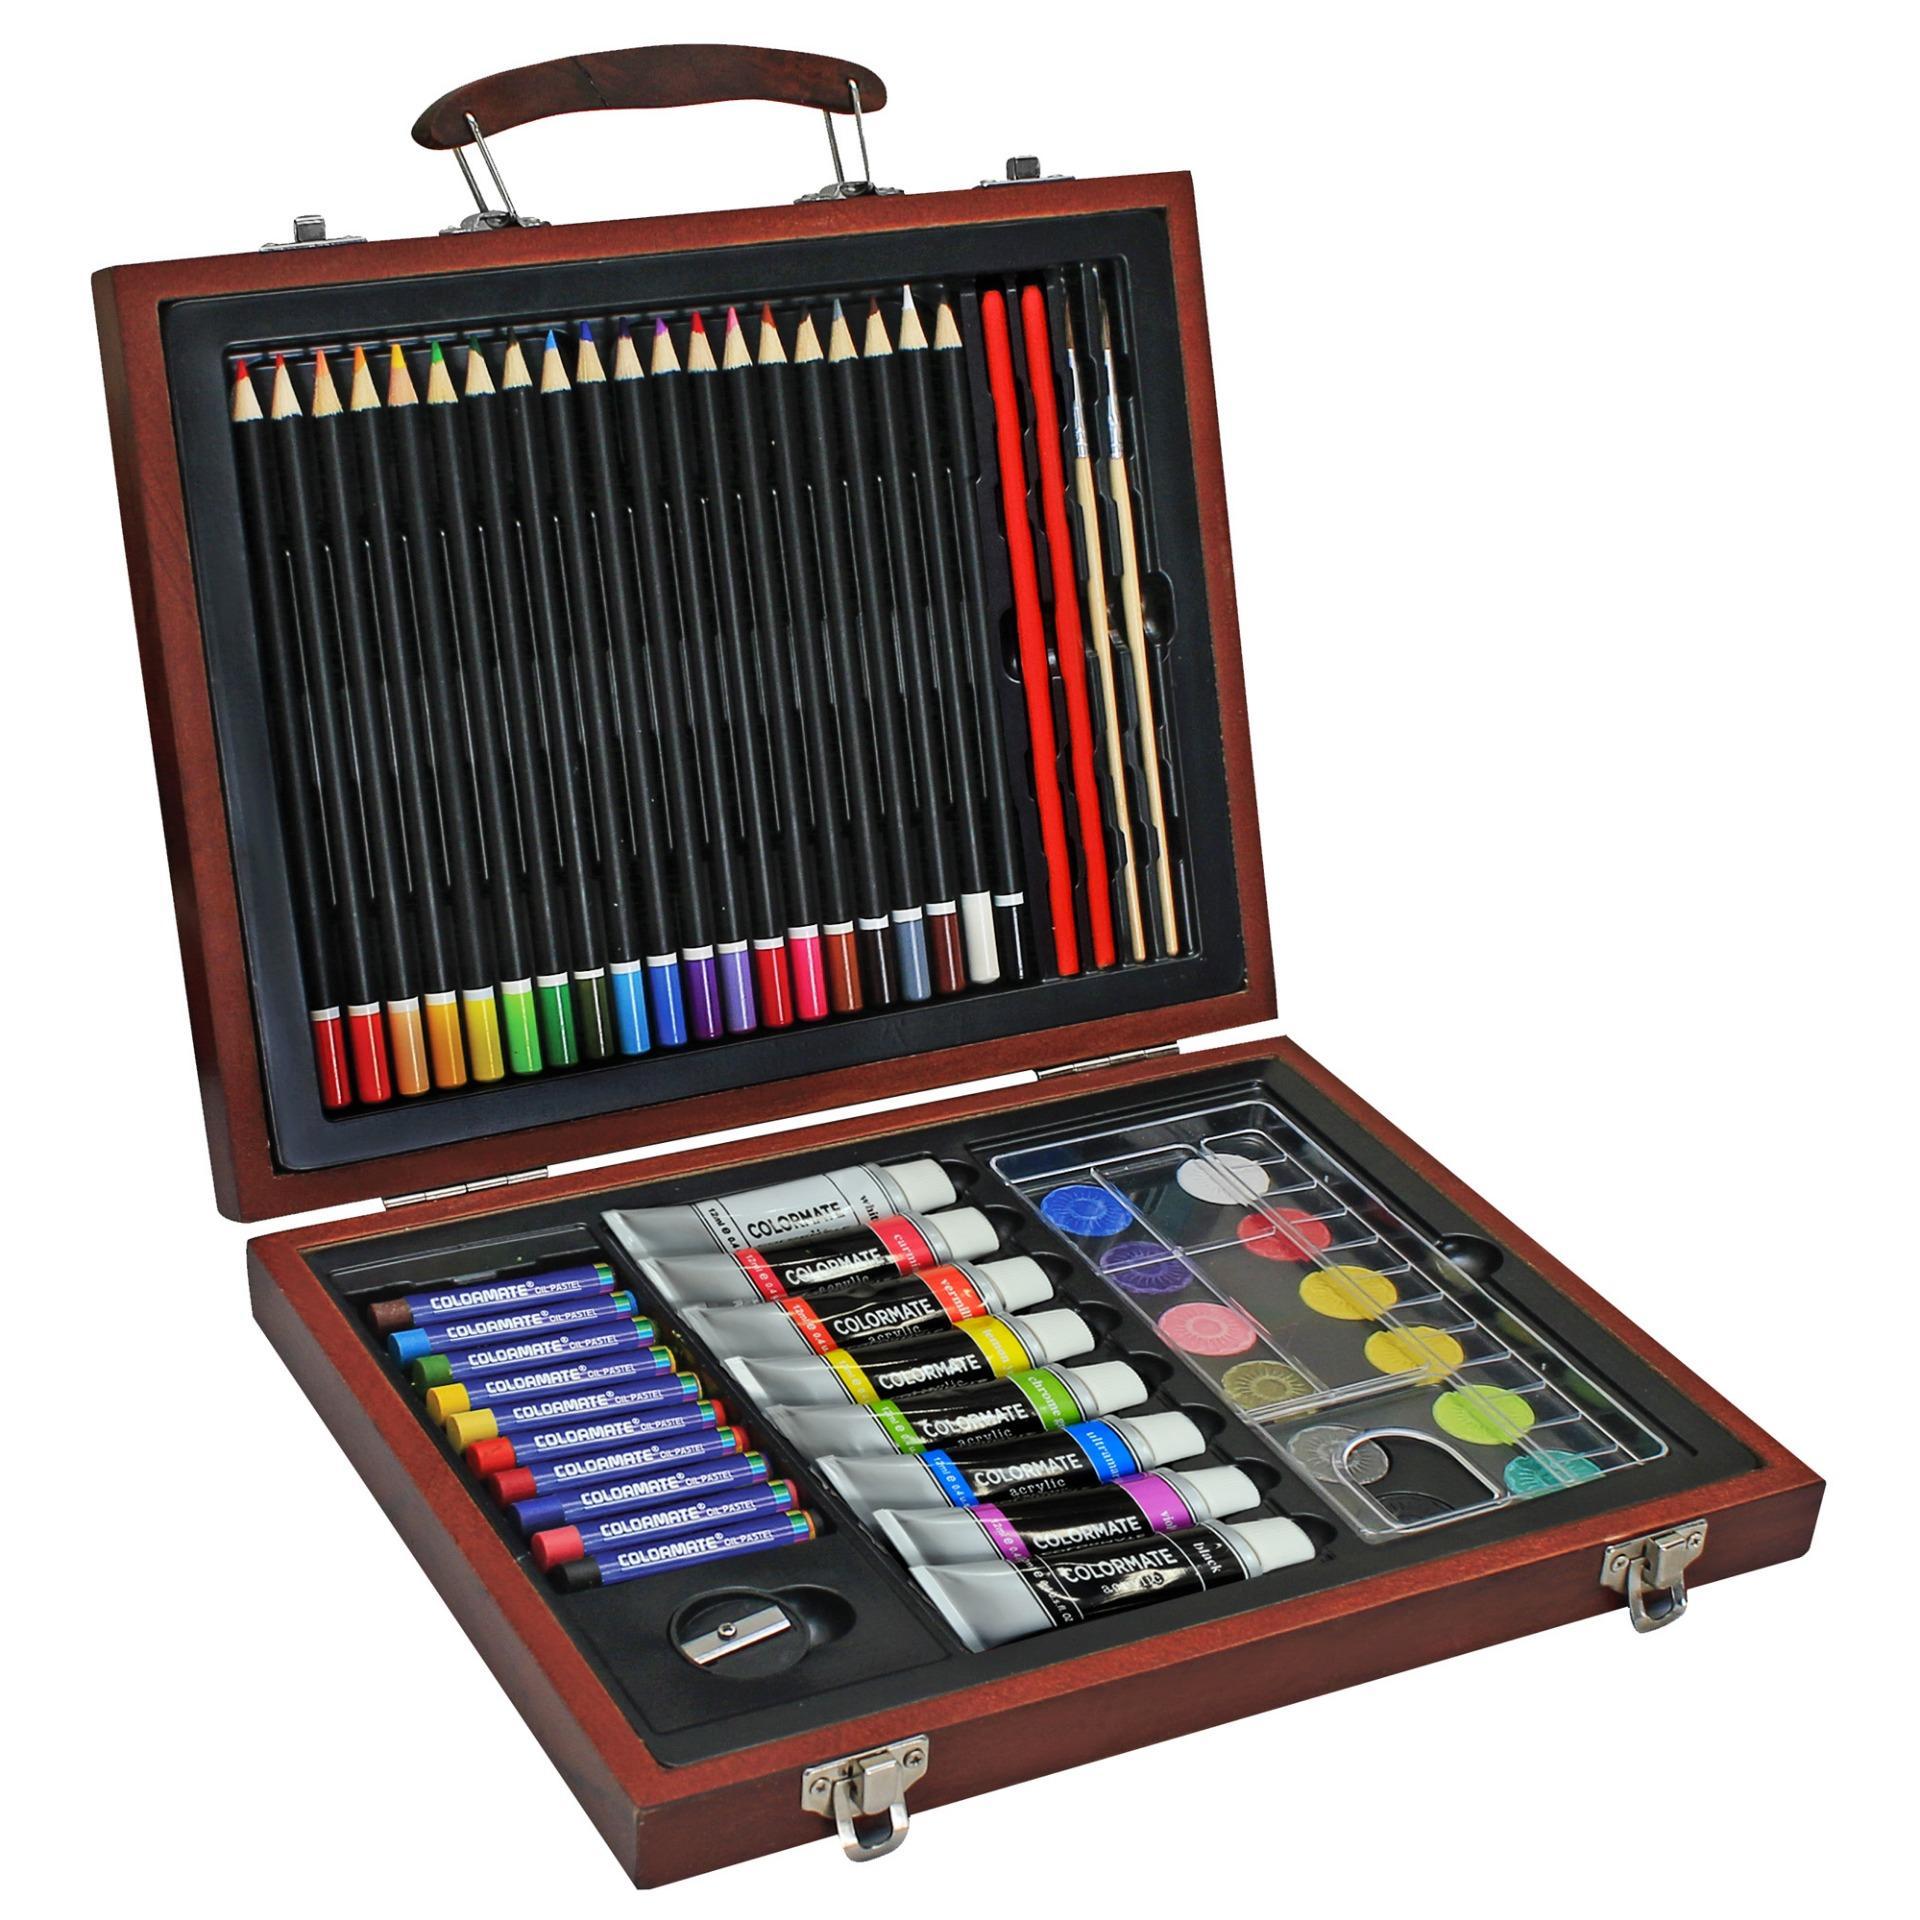 Hình ảnh Bộ màu vẽ đa năng hộp gỗ Colormate MS-58W